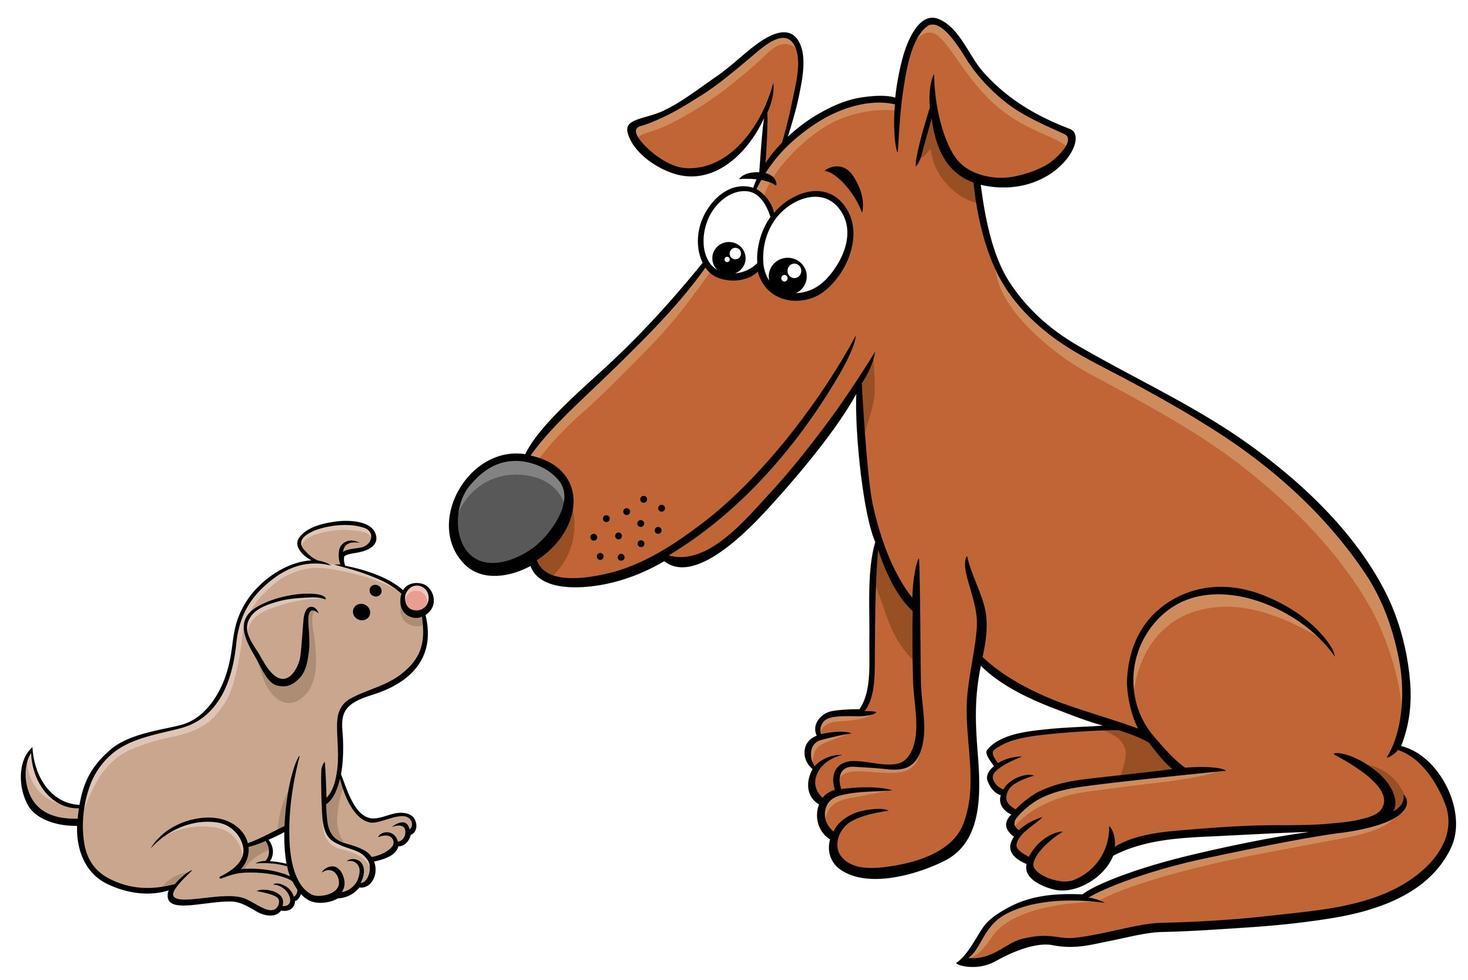 personajes de animales de dibujos animados de cachorros y perros adultos vector